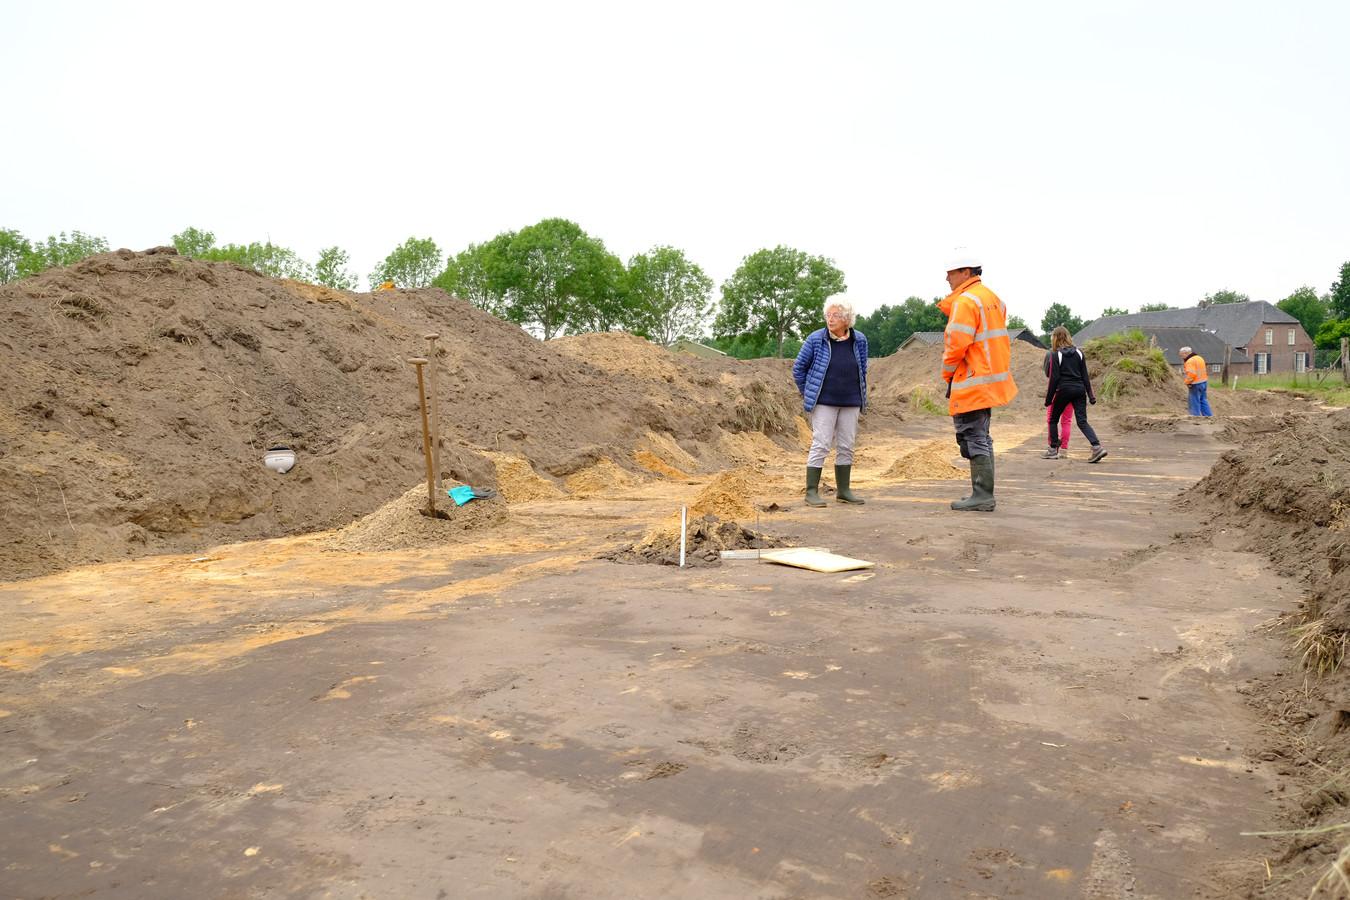 Archeologen hebben naar Romeinse sporen gezocht op een braakliggend terrein aan de Ruiting in Esch. Regelmatig kwamen Esschenaren een kijkje nemen.